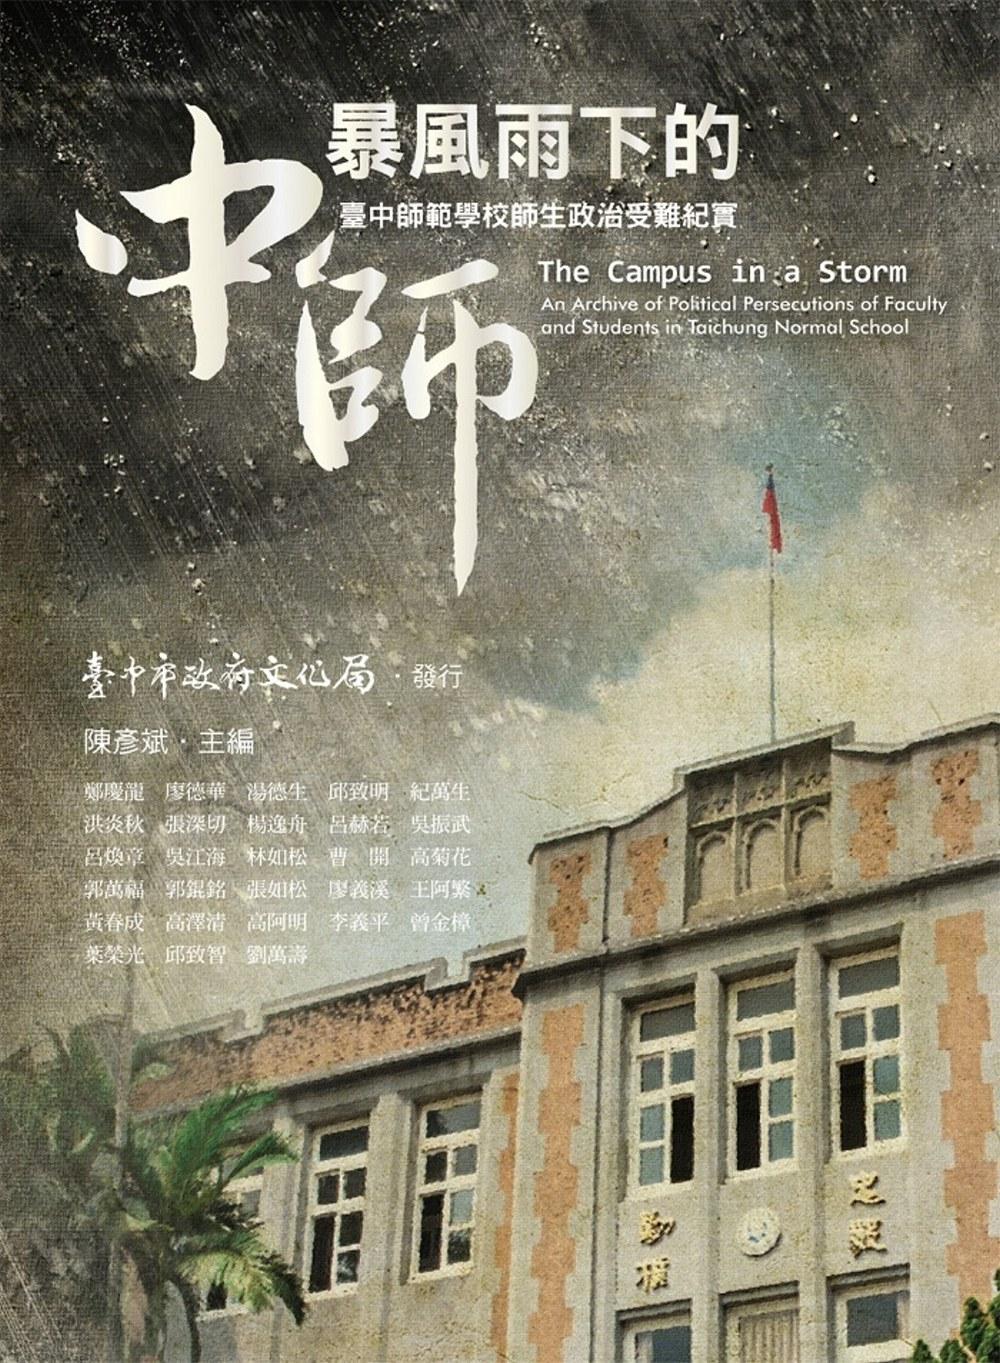 暴風雨下的中師:臺中師範學校師生政治受難紀實